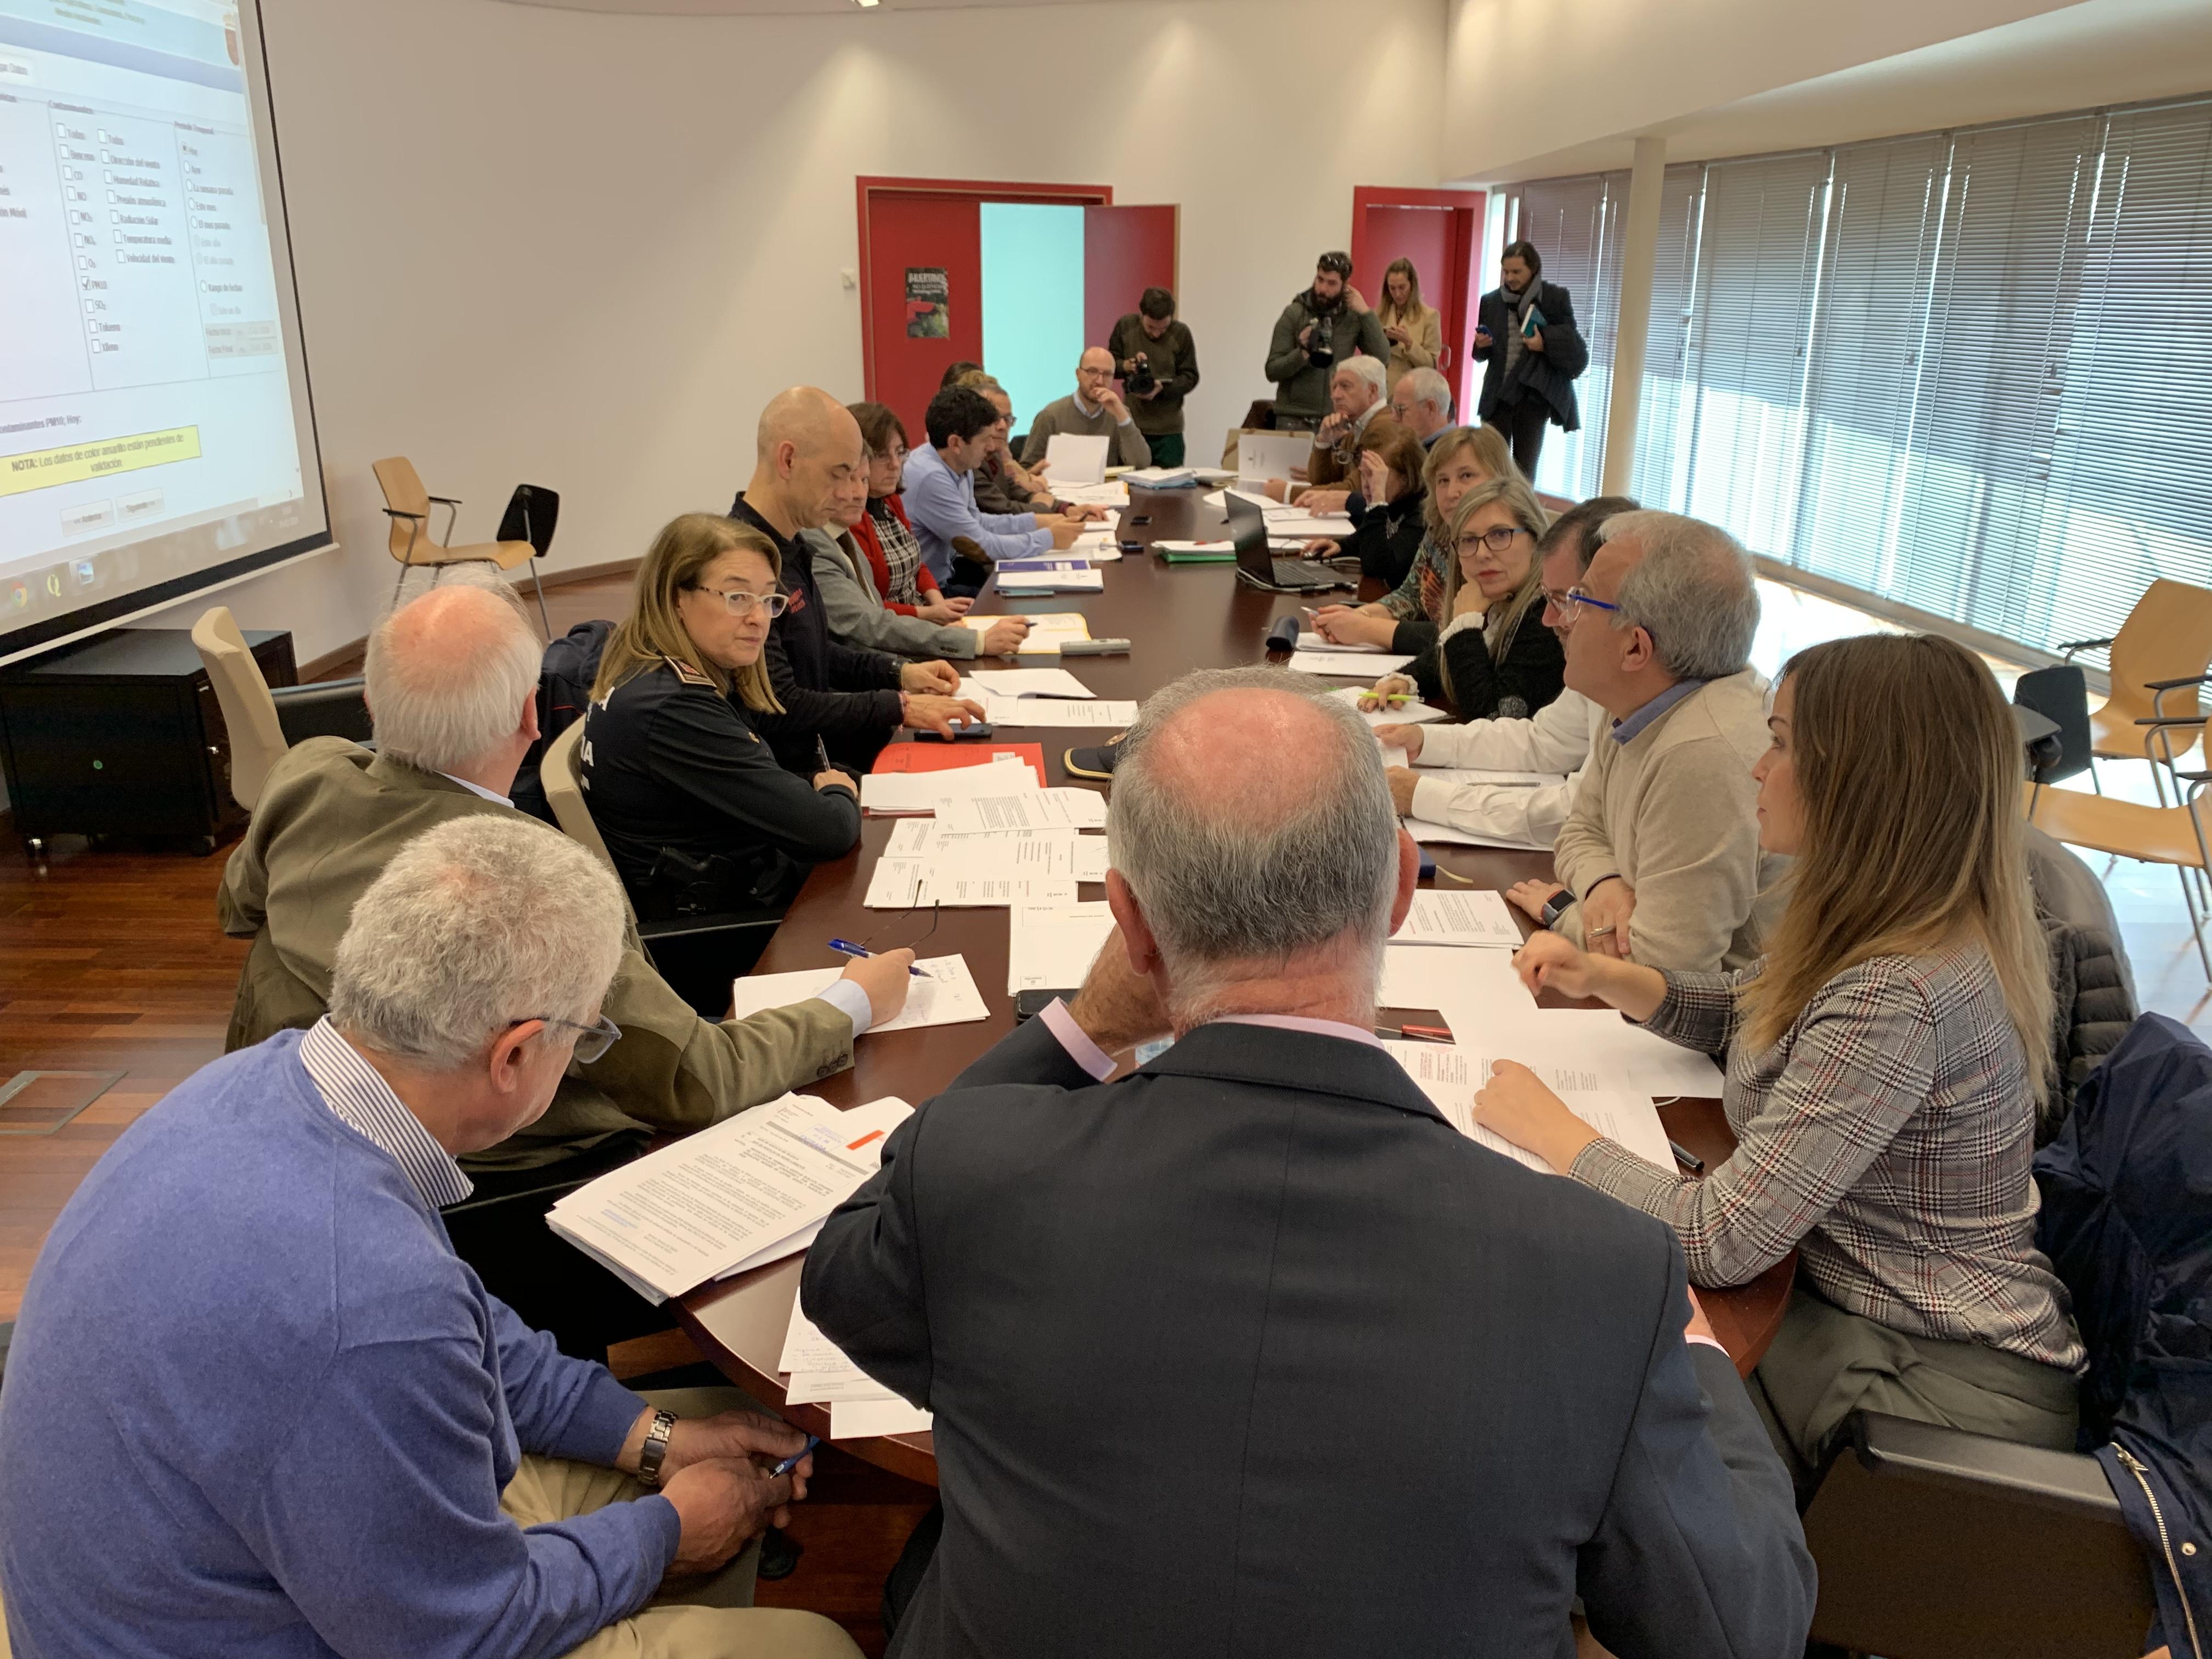 El Comité operativo de episodio de contaminación atmosférica ha sido convocado esta mañana de urgencia. Imagen: Ayto. de Murcia